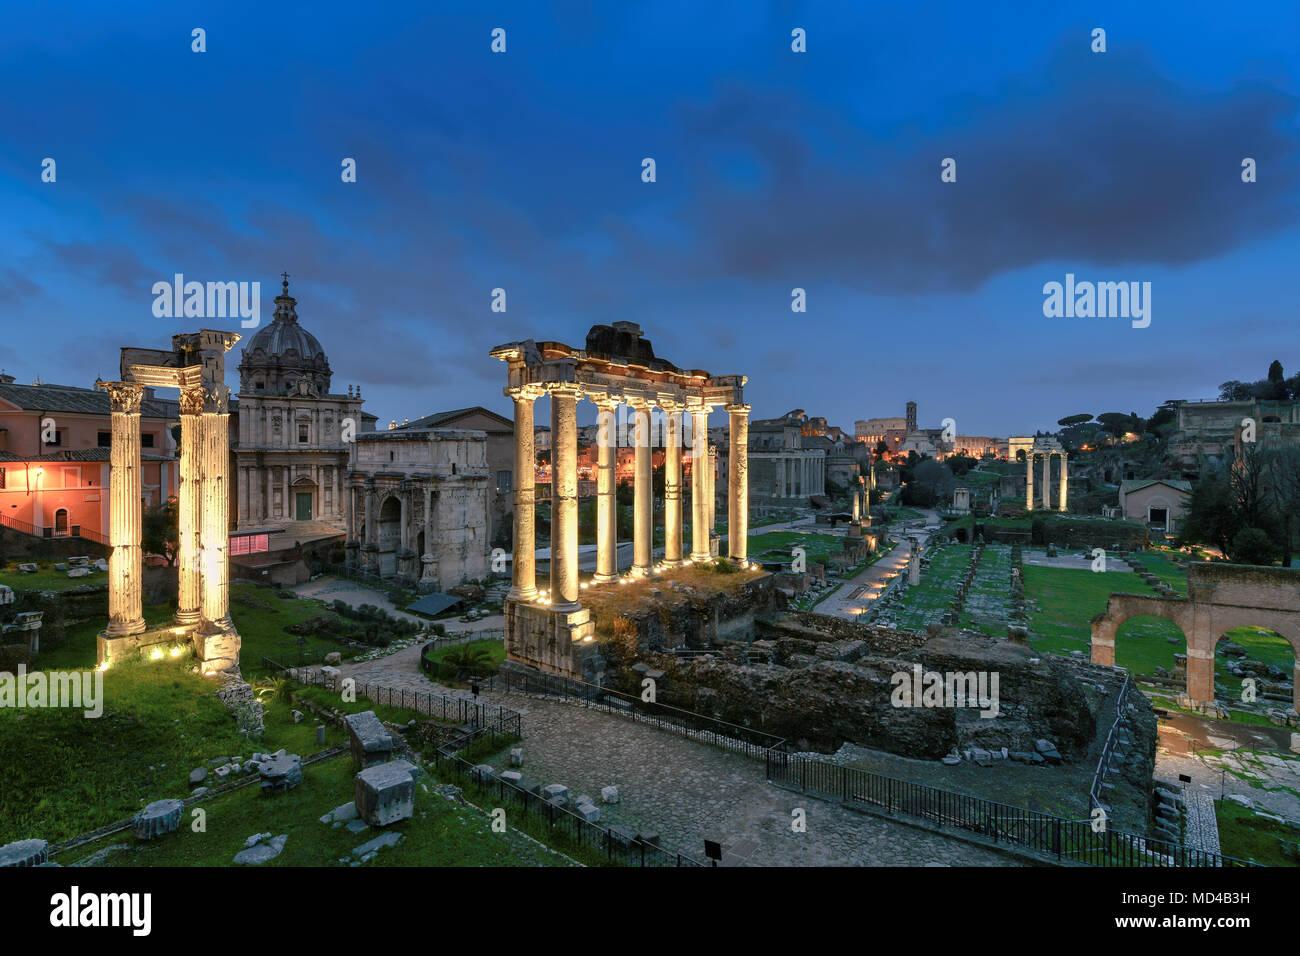 Forum Romanum in der Nacht. Blick auf das Forum Romanum und das Kolosseum, Italien. Stockbild